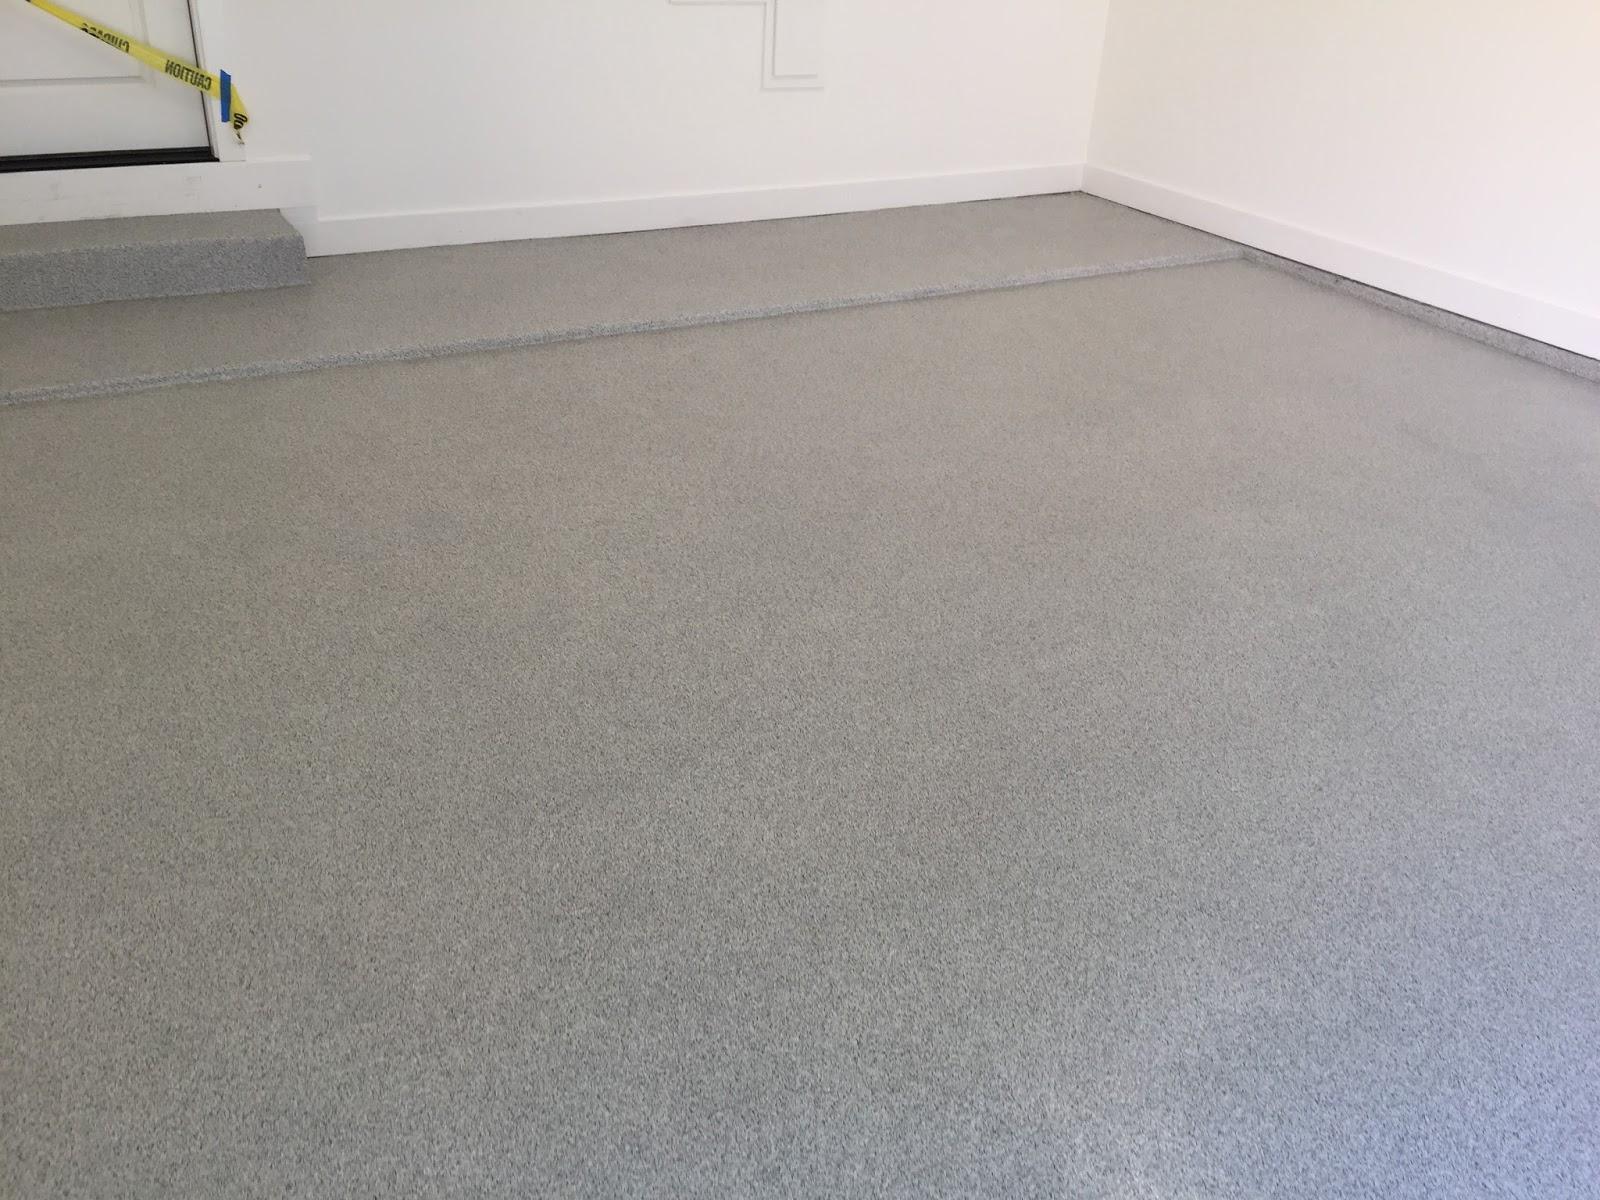 Epoxy Floor Coatings Epoxy Garage Floor Coating Full